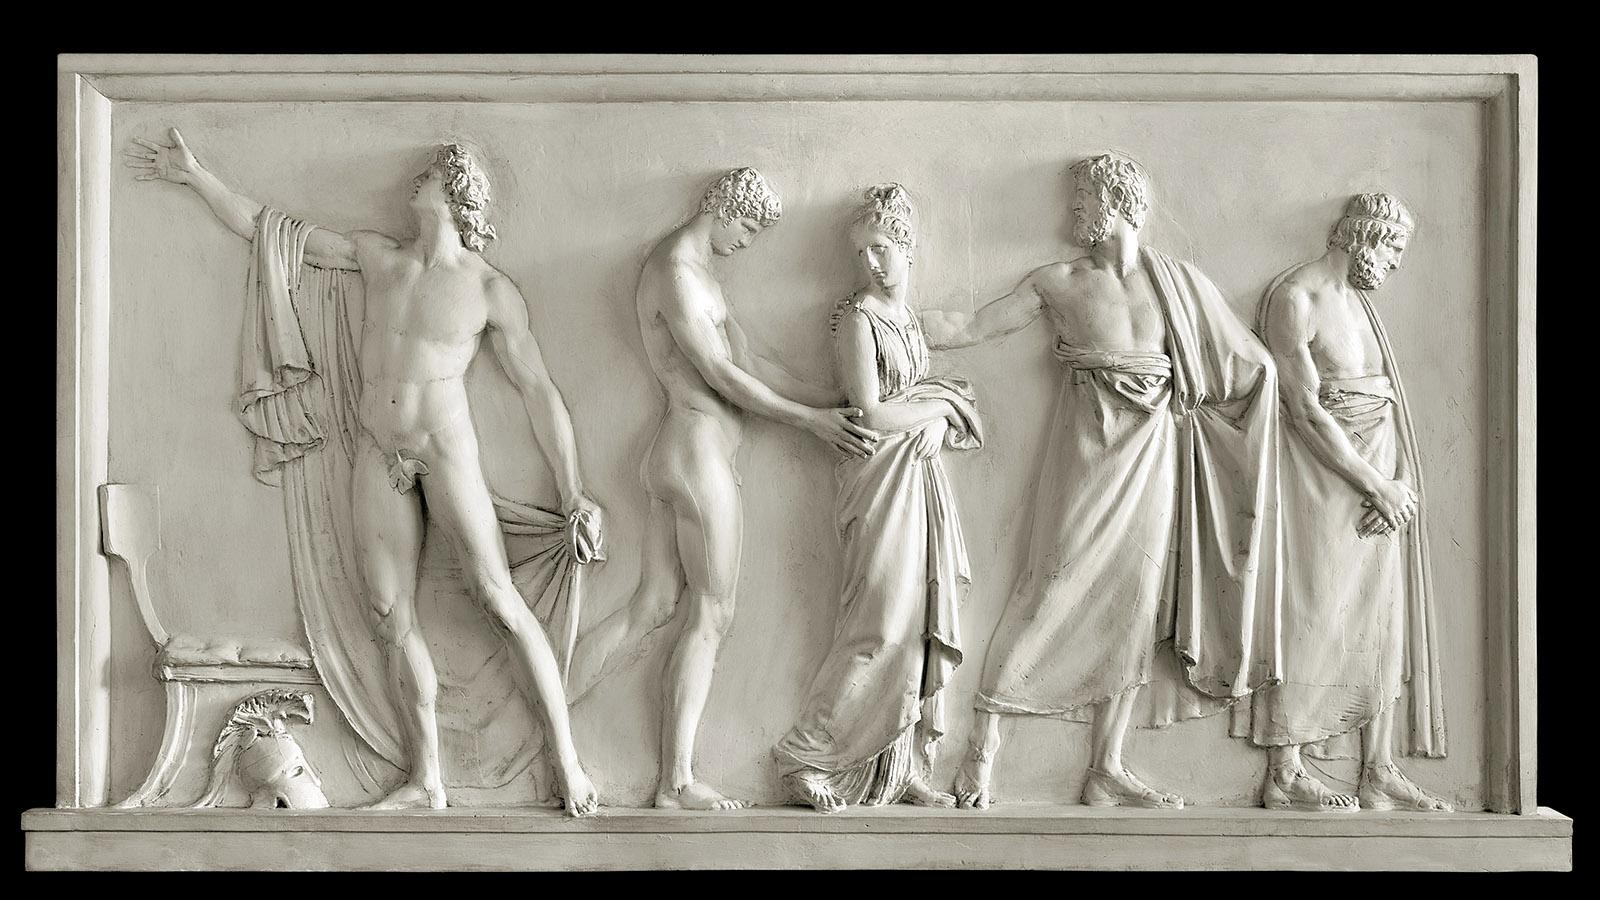 Achilles delivering Briseis to Agamemnon's heralds; bas-relief by Antonio Canova, circa 1787–1790